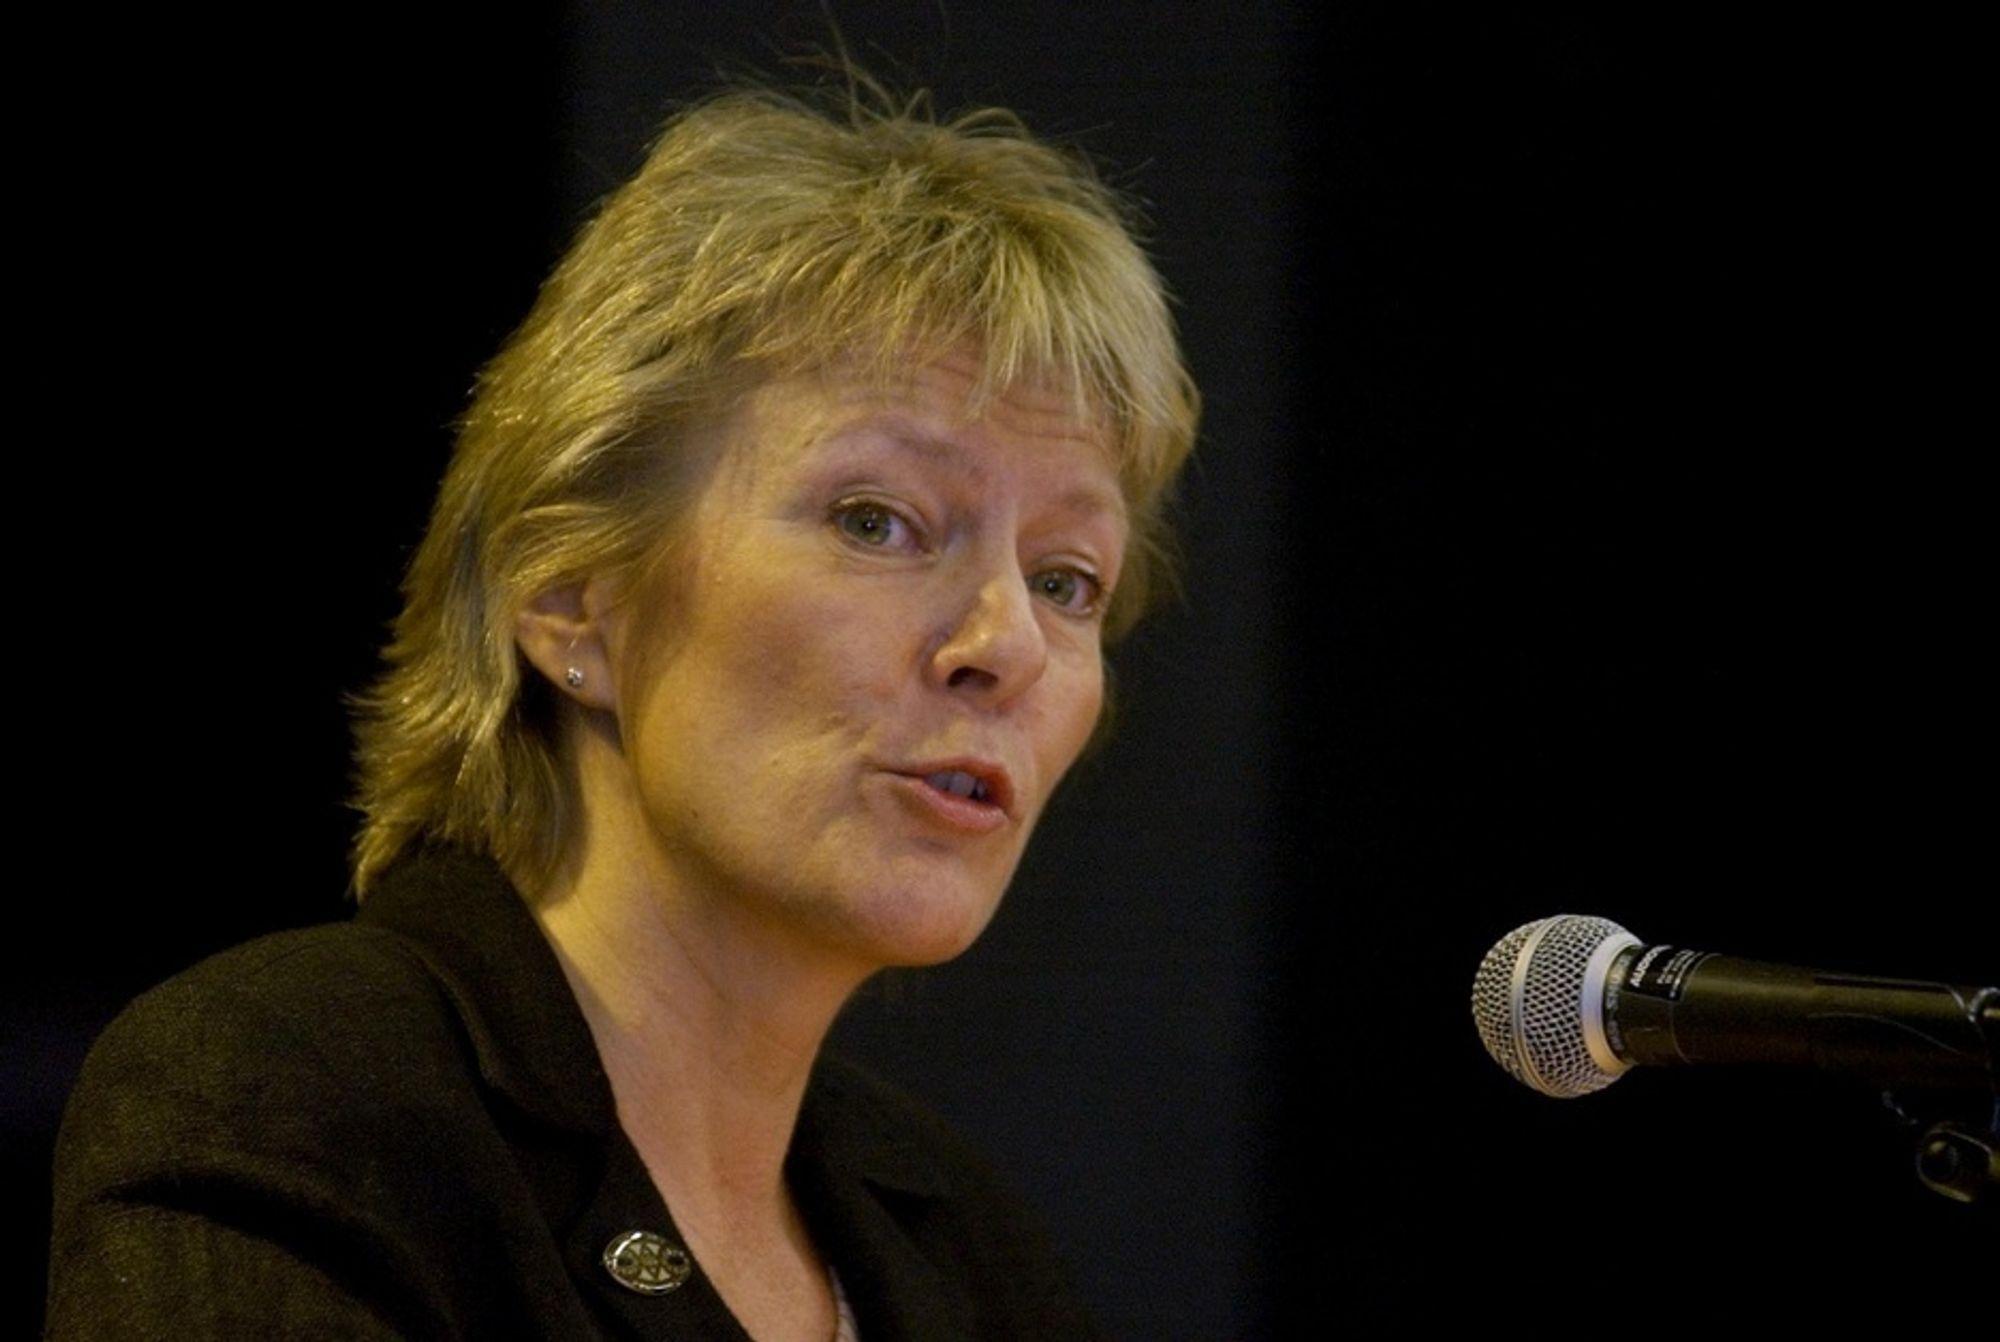 KRITISK: Kristin Clemet er ikke nådig mot norsk arbeidsmoral.